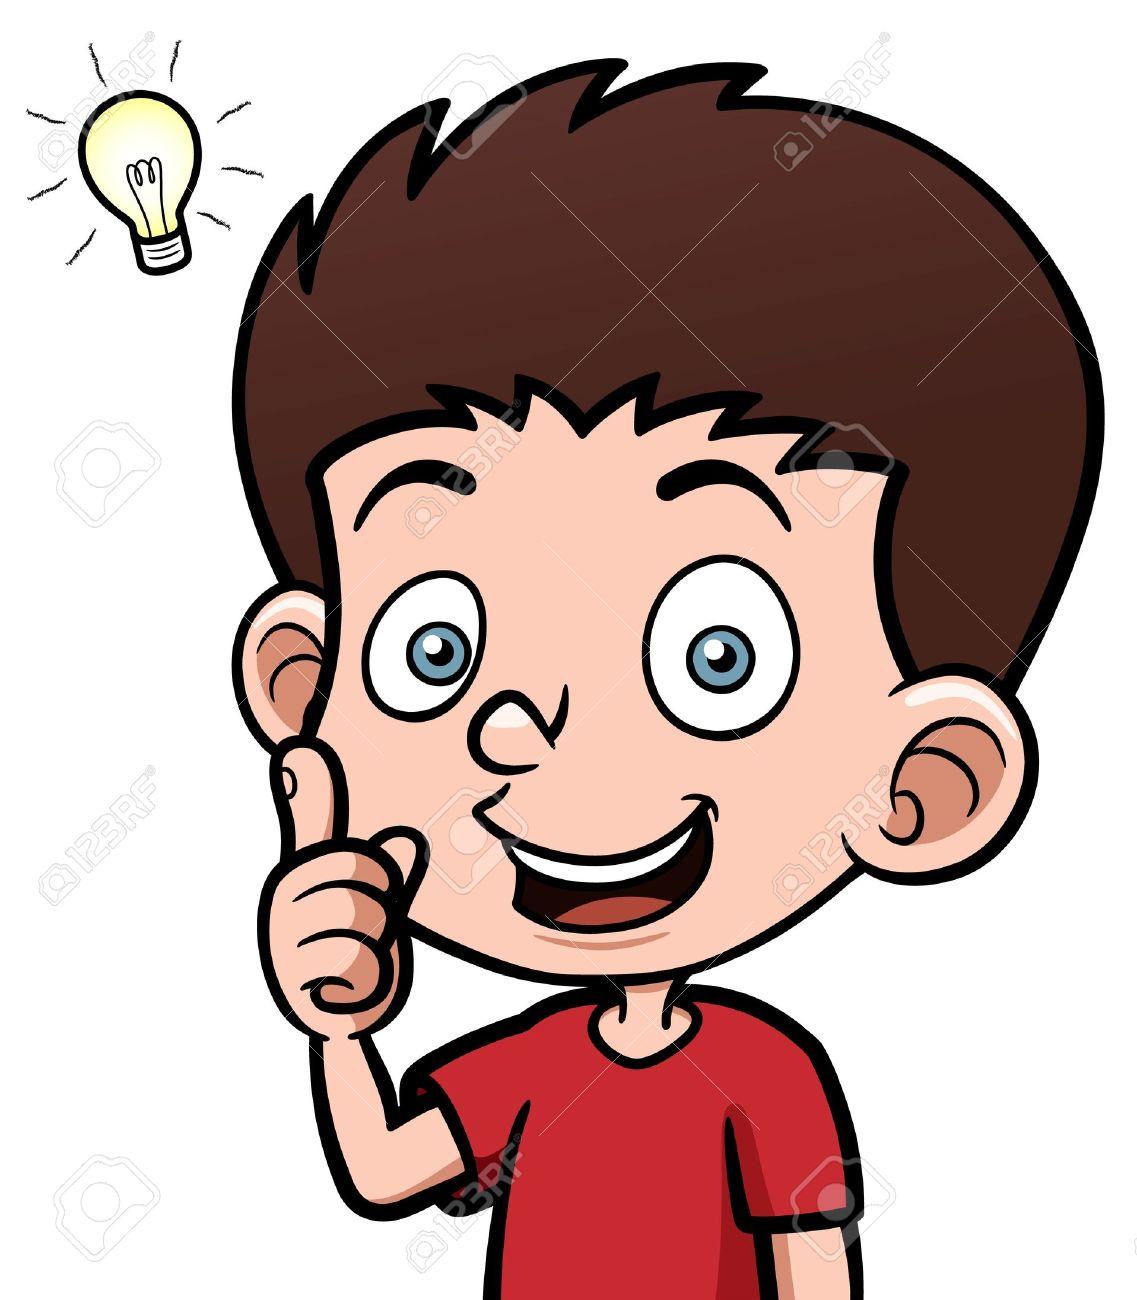 Dave) Businessman Has a Good Idea clipart. Free download transparent .PNG    Creazilla